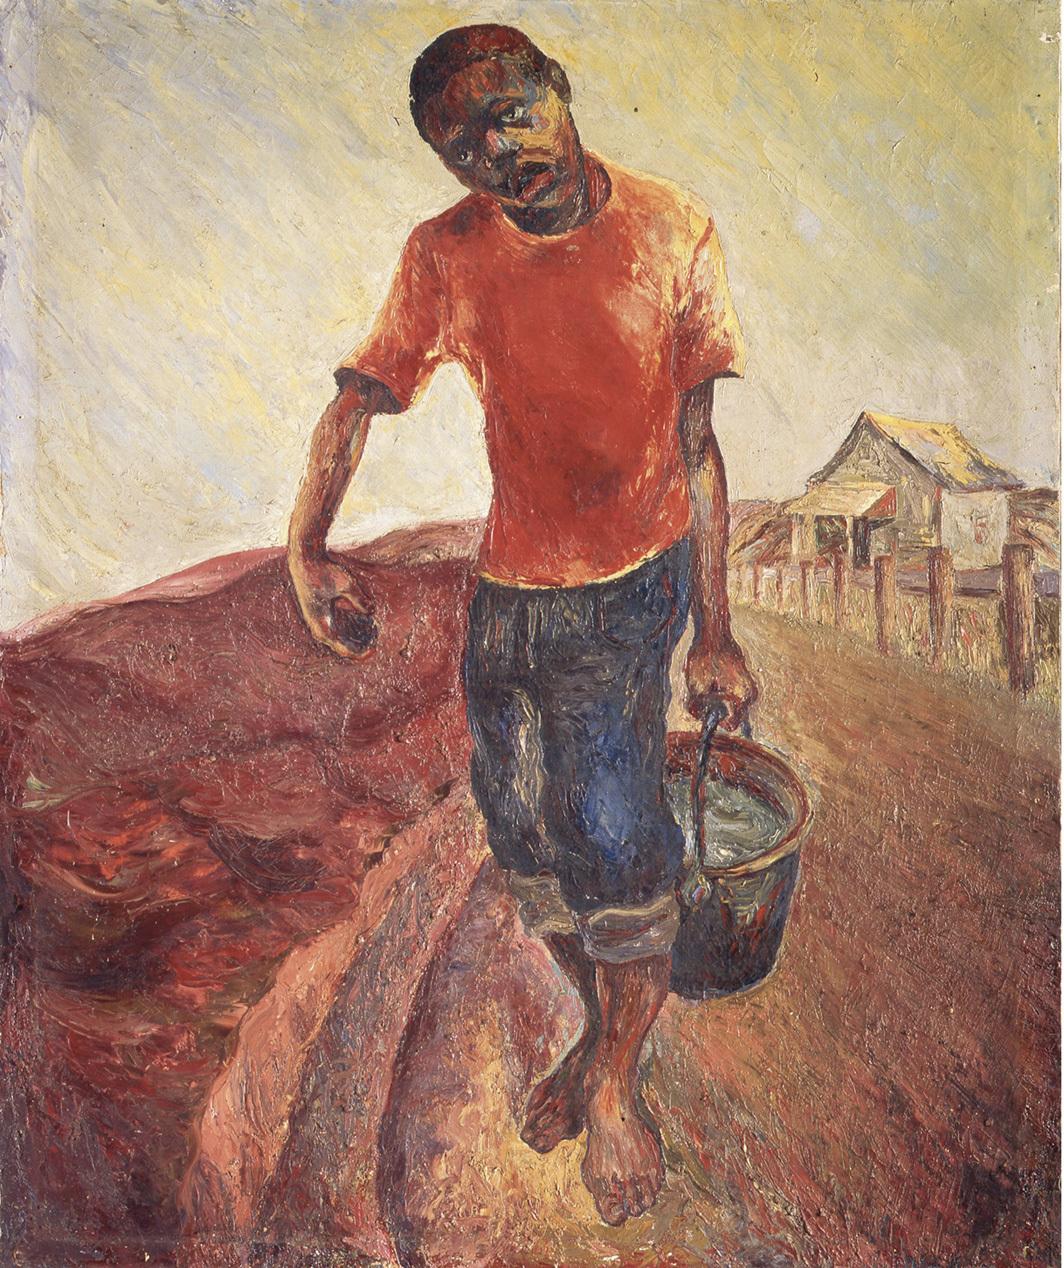 Samella S. Lewis, Water Boy, 1944, oil on canvas, 47 1⁄8 × 14 3⁄4